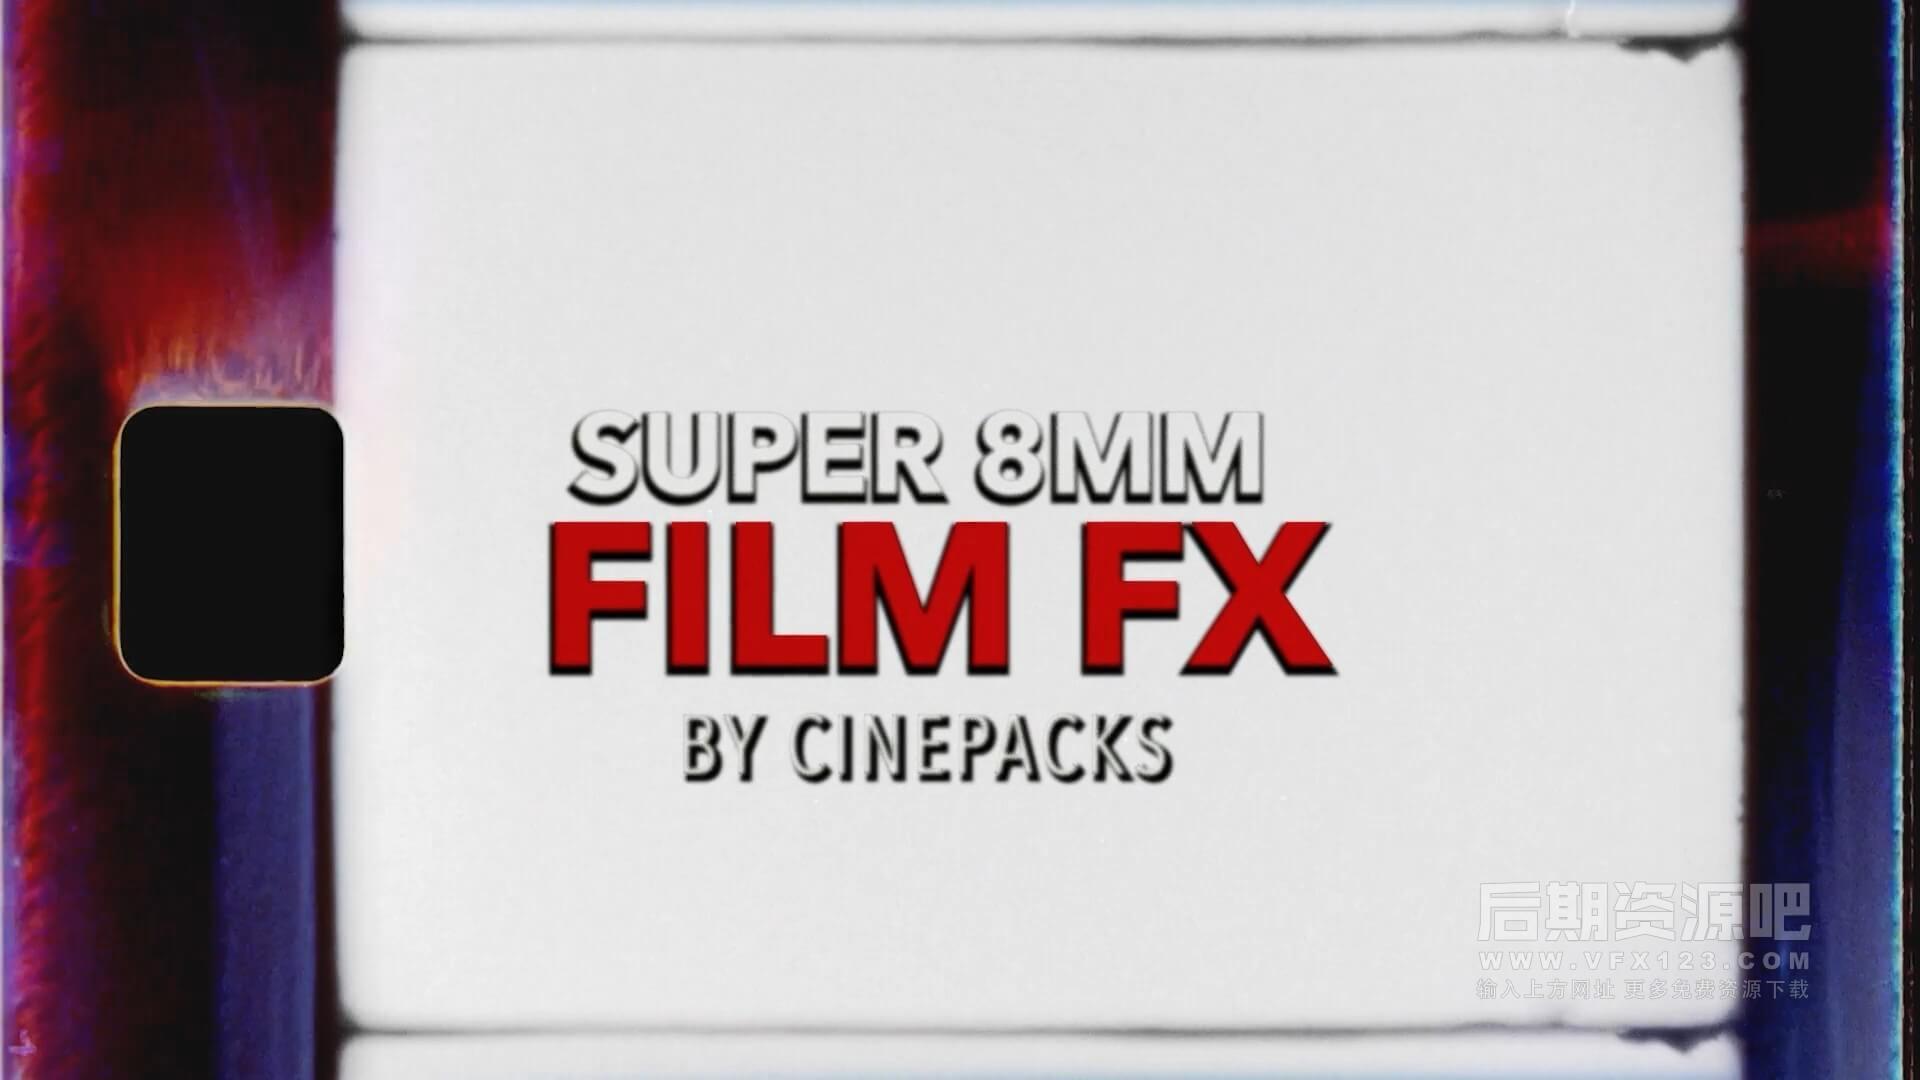 视频素材 胶卷老电影蒙尘划痕颗粒感特效合成素材 CinePacks Super 8 Film FX